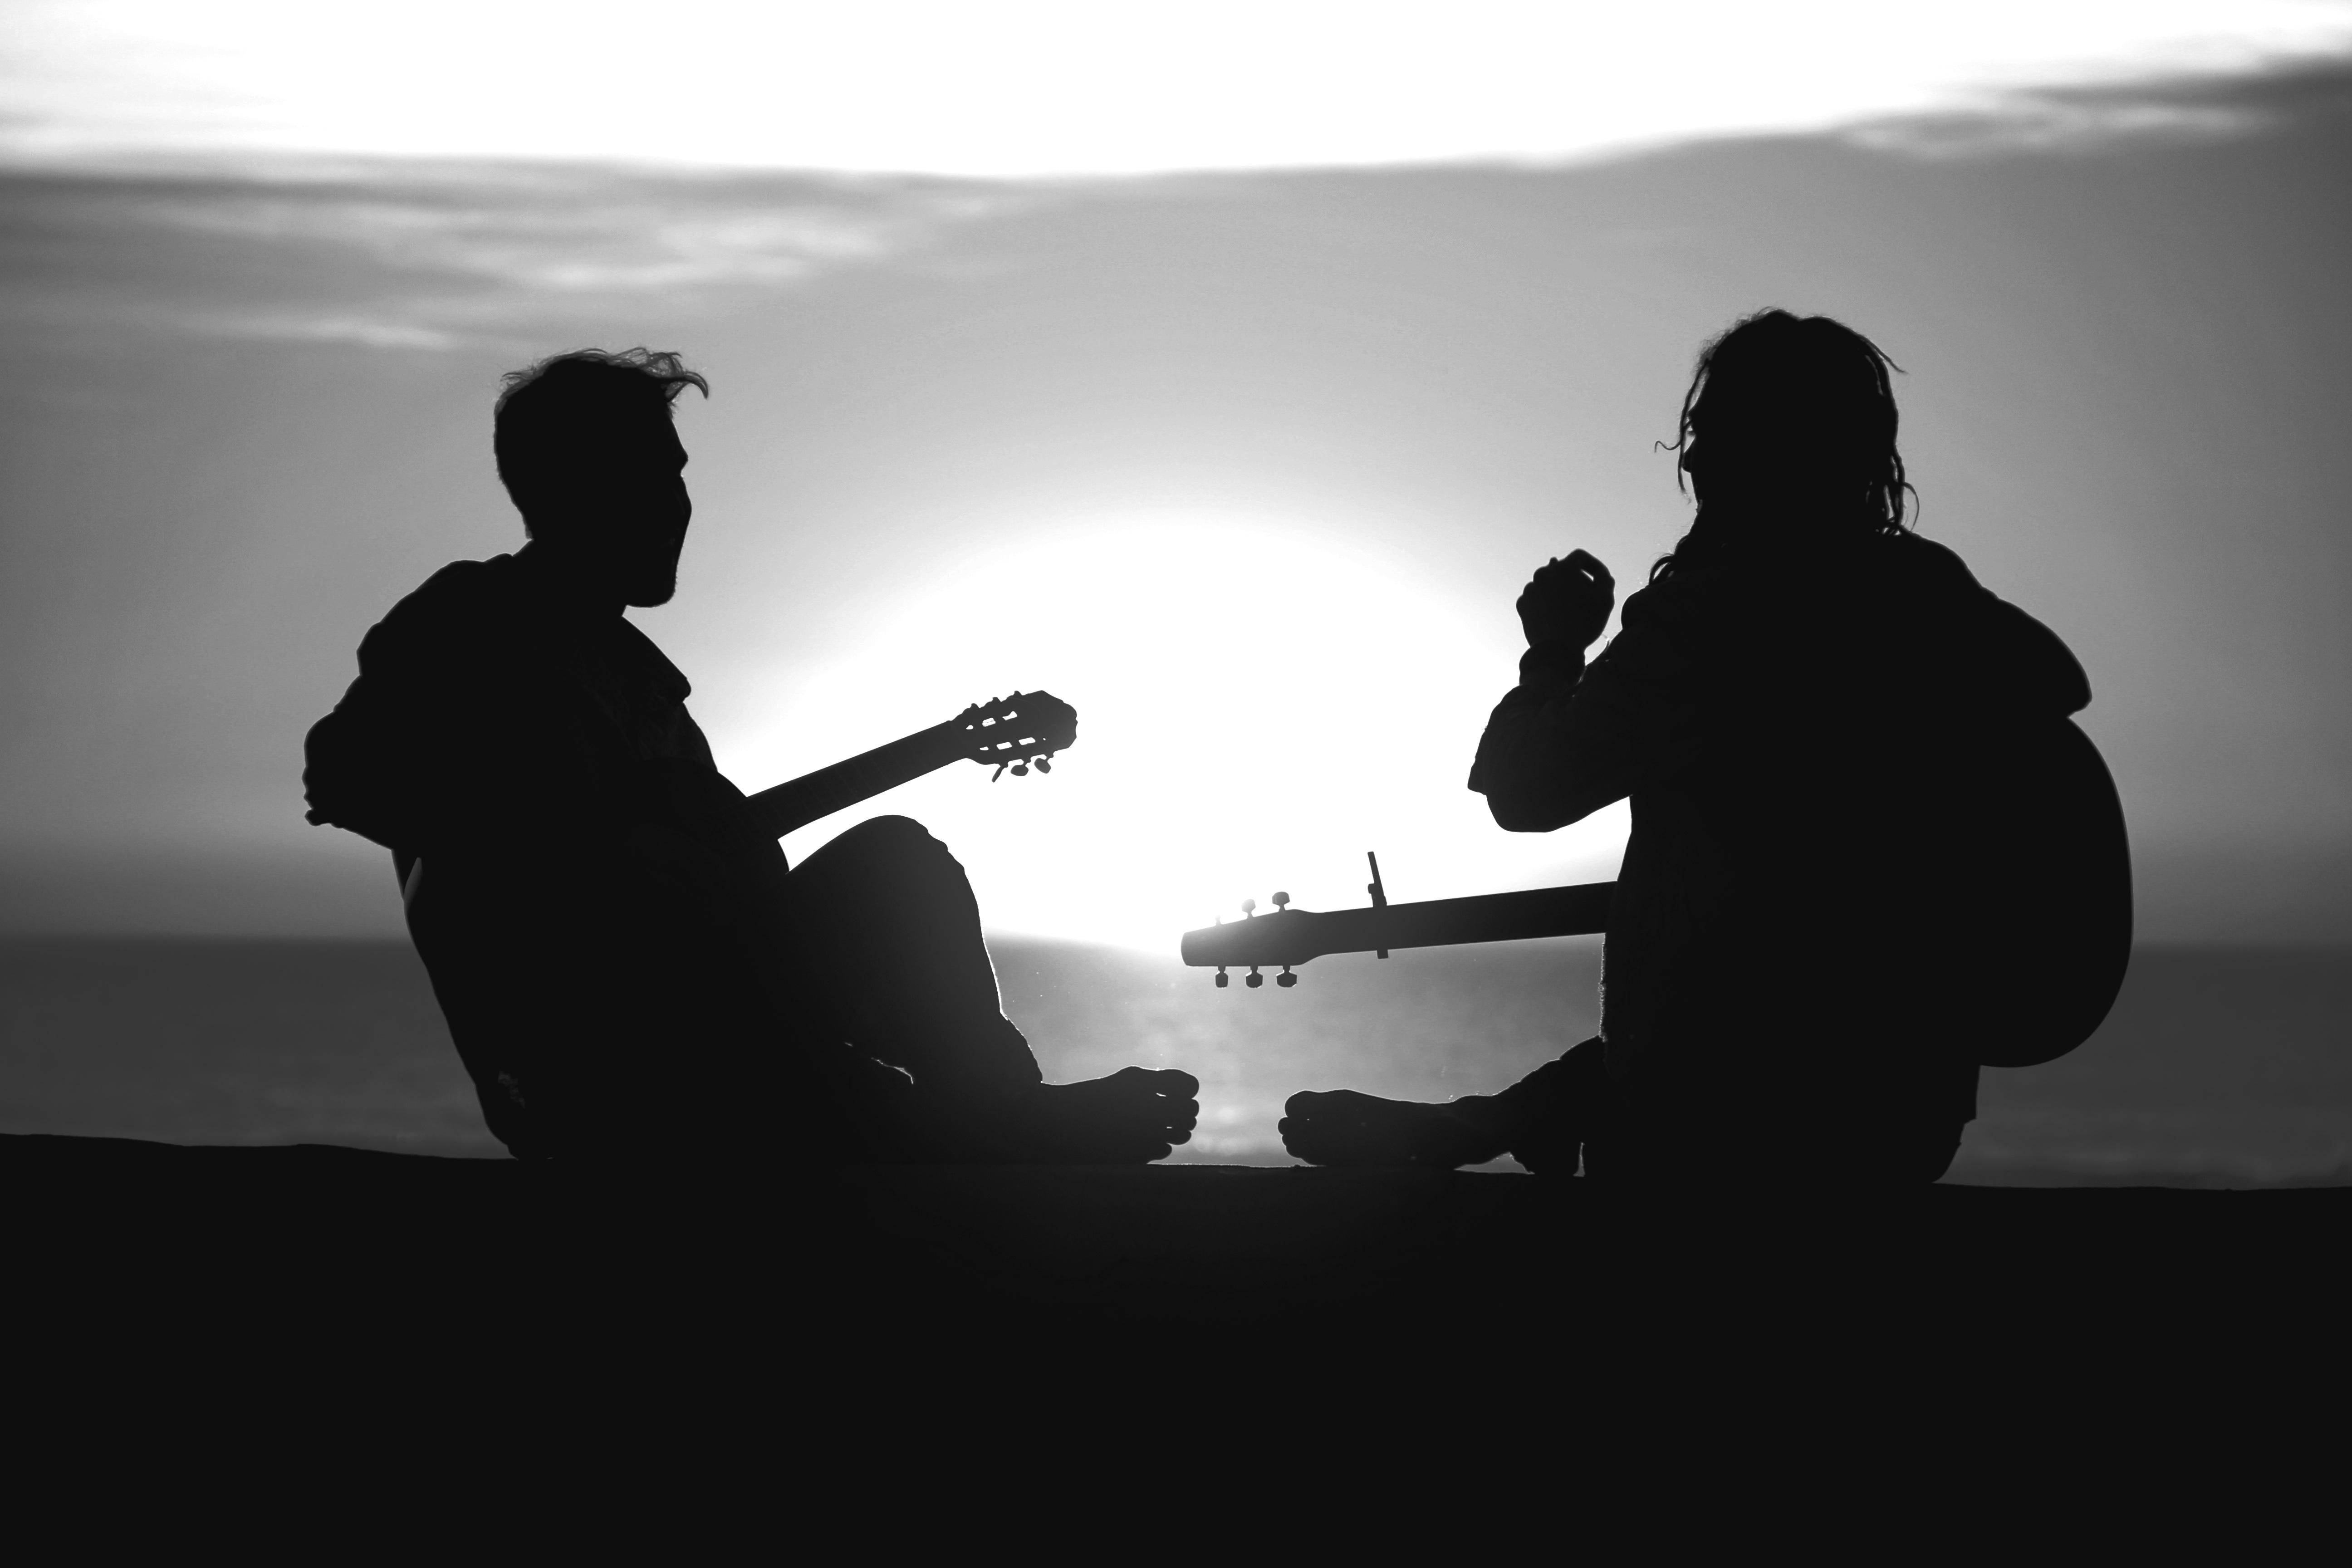 протяжении картинки с грустными гитаристами ног при сердечной